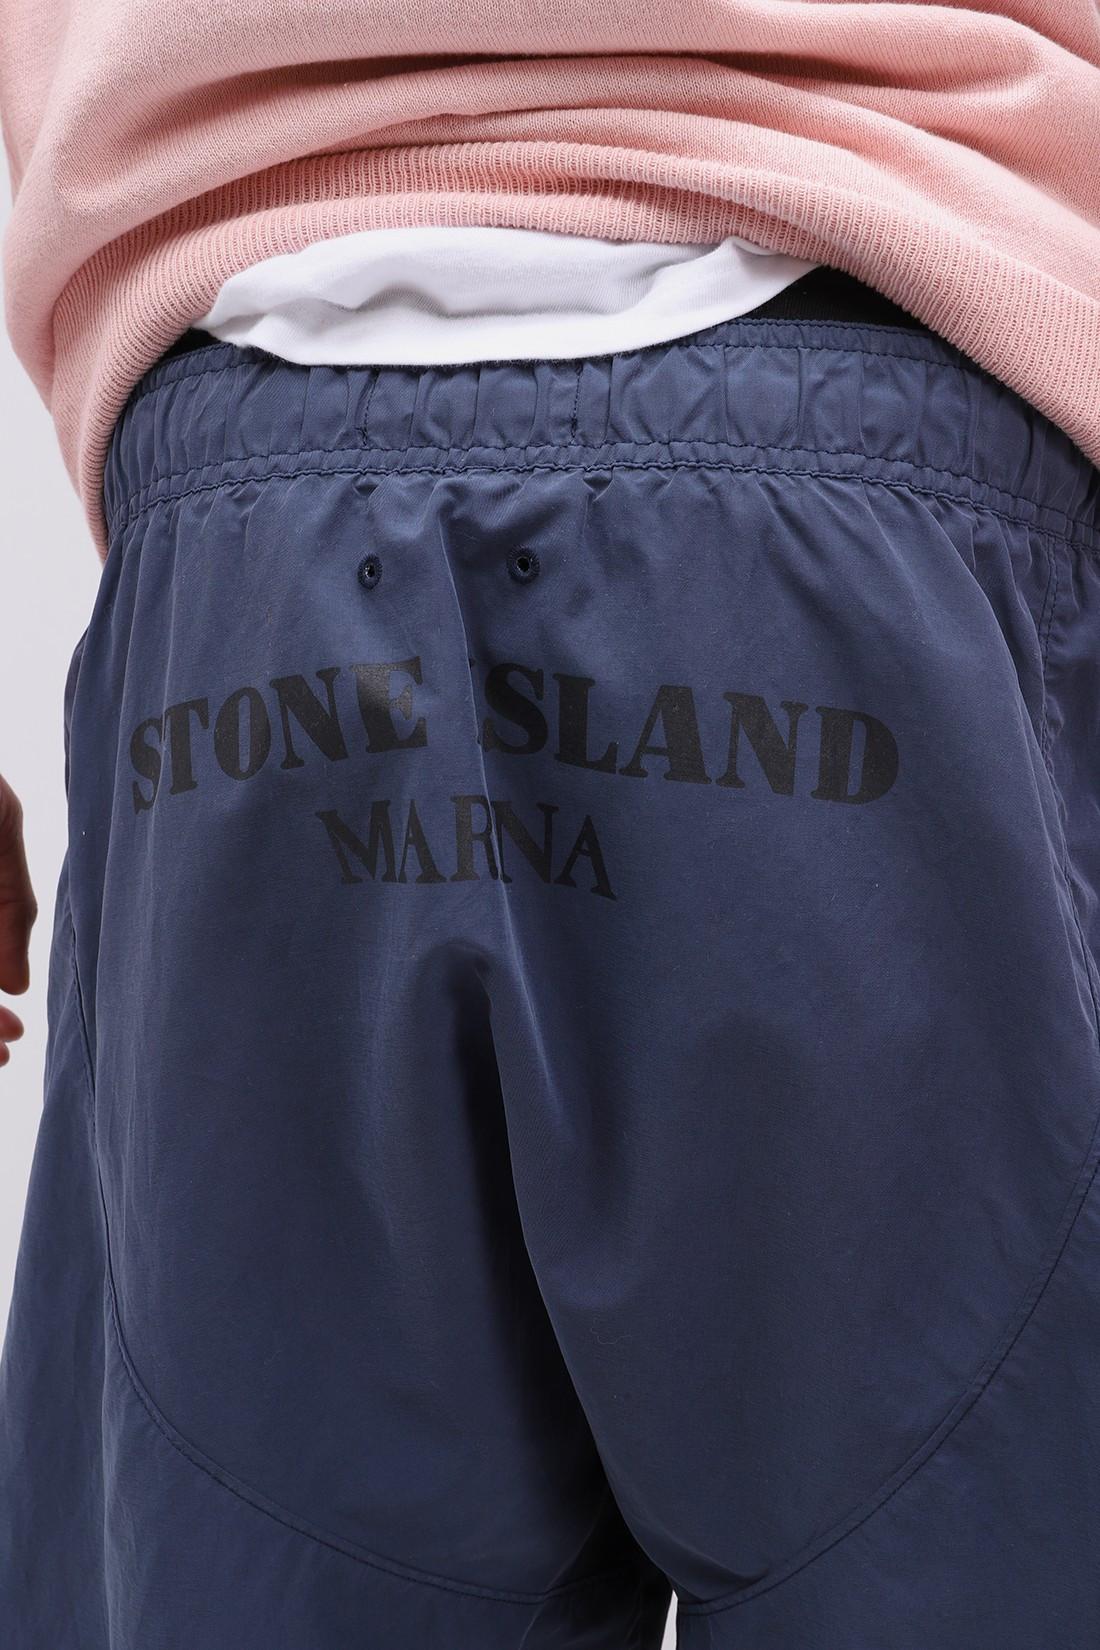 STONE ISLAND / B02x5 marina swim short v0024 Avio